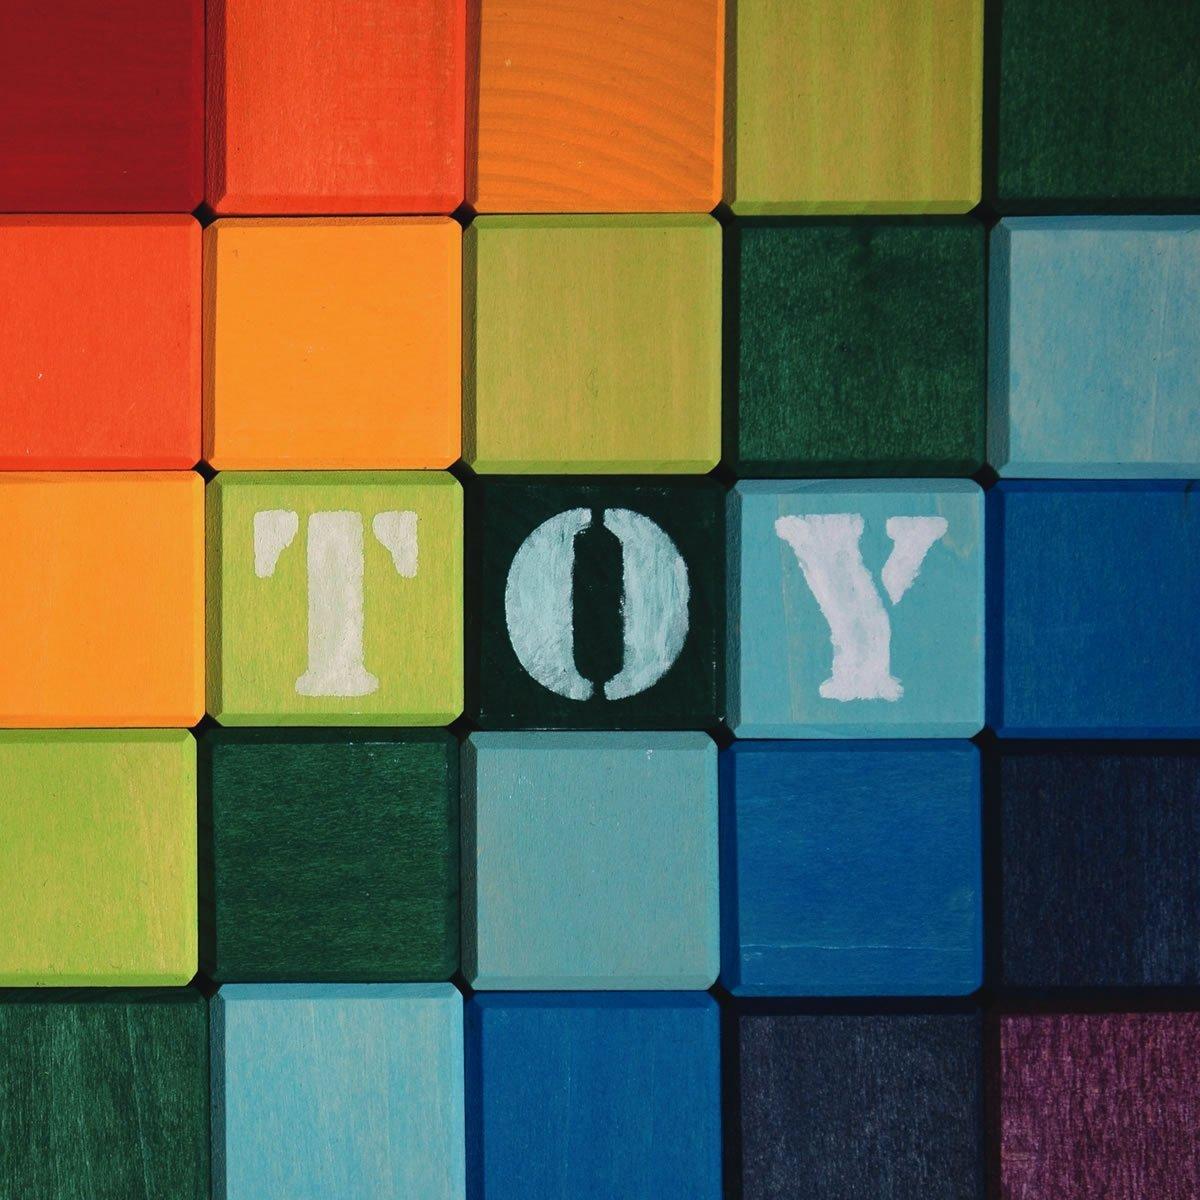 TOY / CD